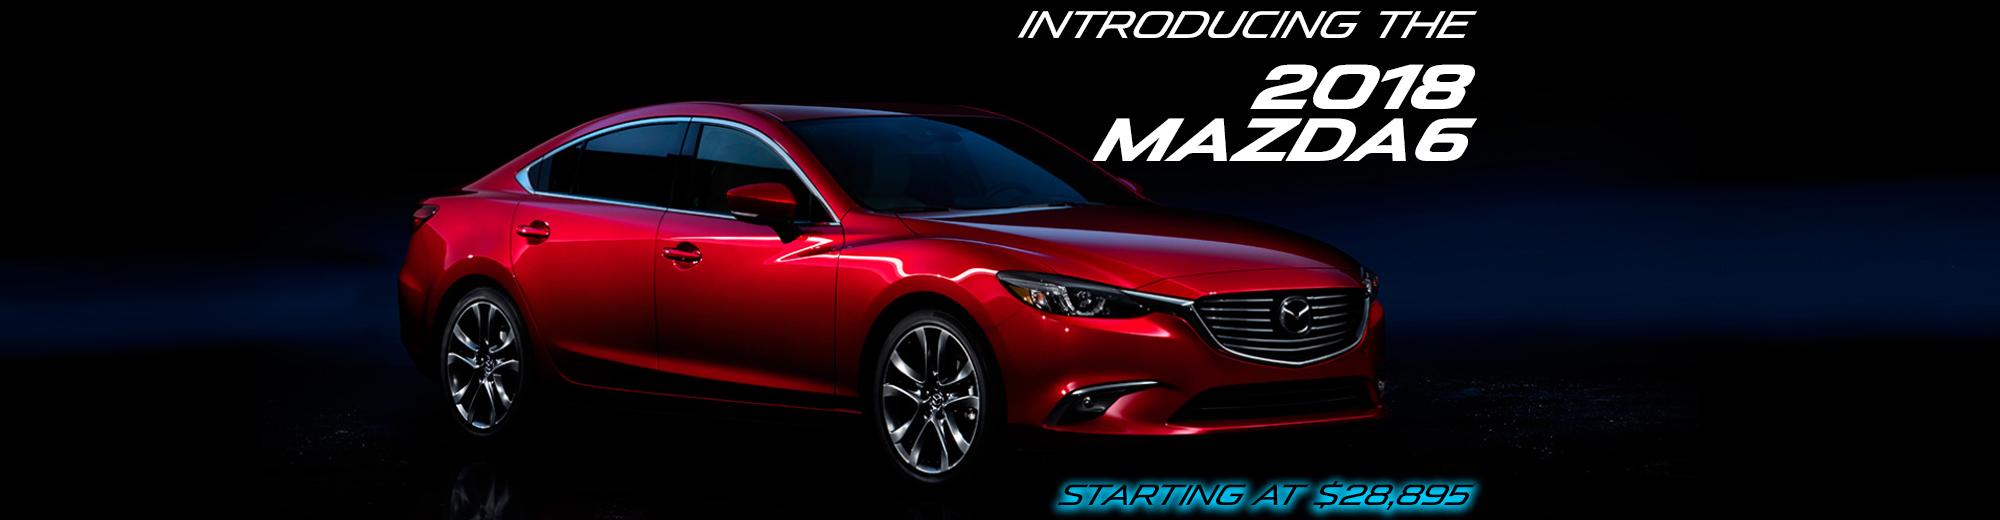 New And Used Mazda Dealership In Calgary Kramer Mazda